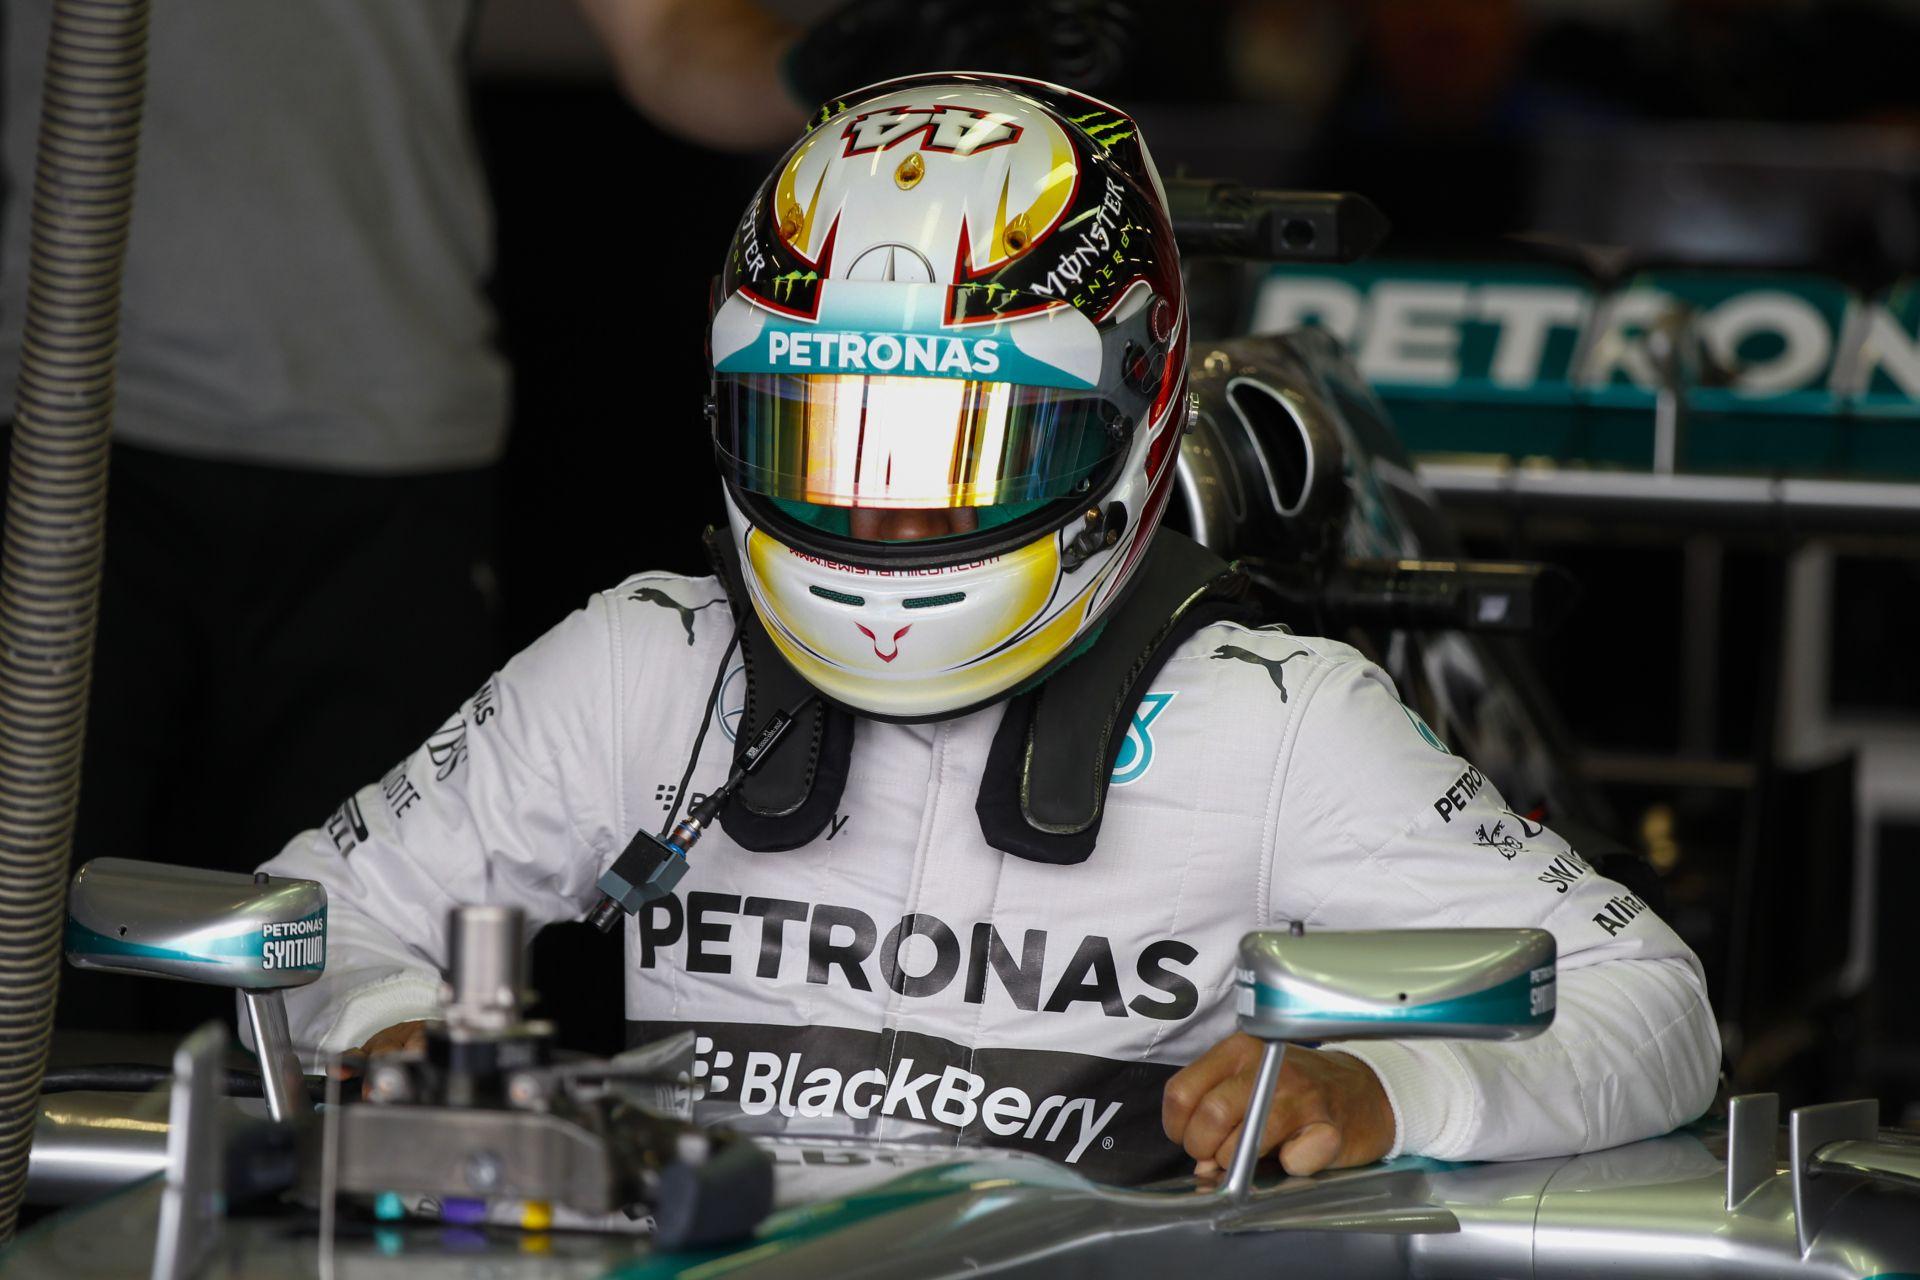 Rosberg nyerte az időmérőt Vettel és Button előtt! Hamilton csak a 6. Csúnyán beégett a Ferrari! Alonso és Rakkönen hátul